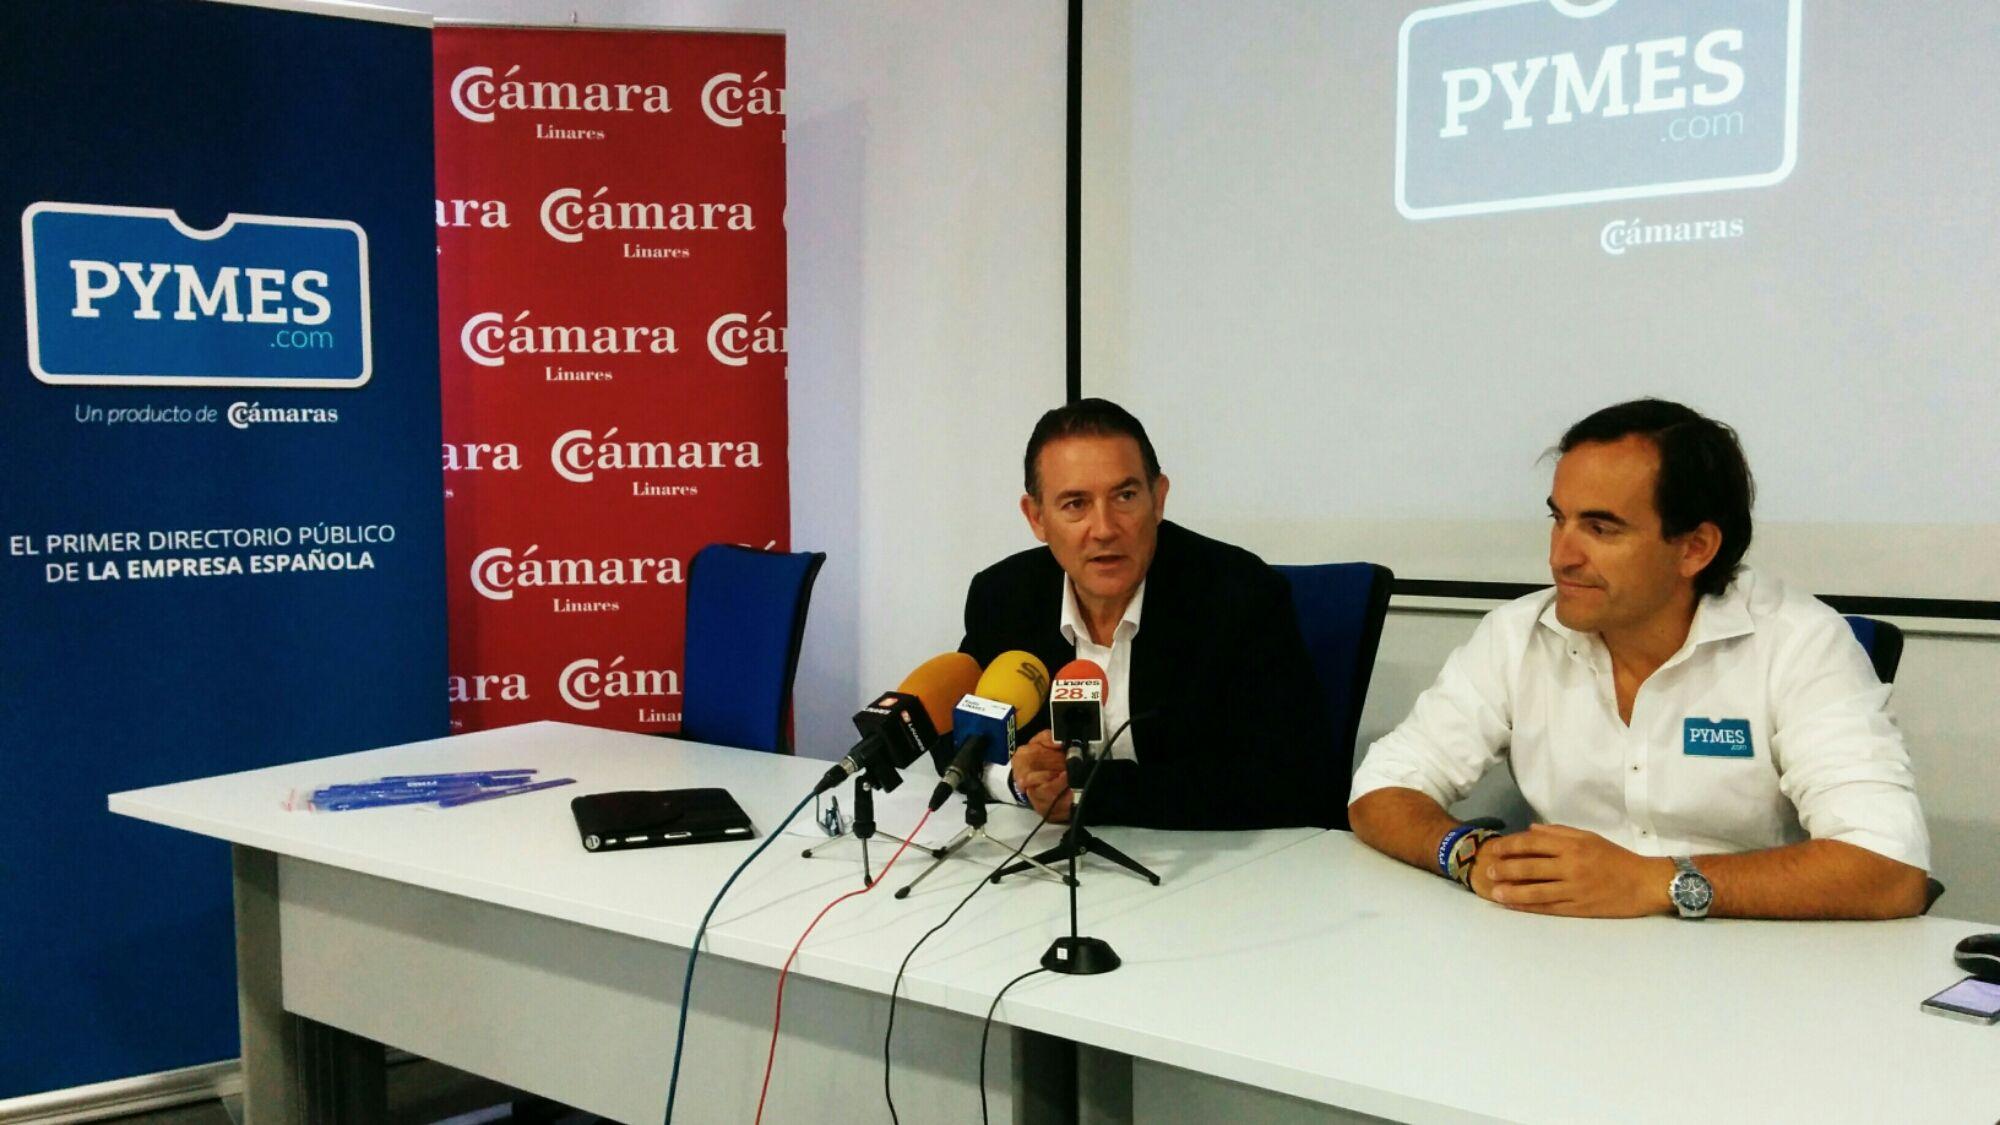 La Cámara de Comercio de Linares presenta el portal PYMES.COM